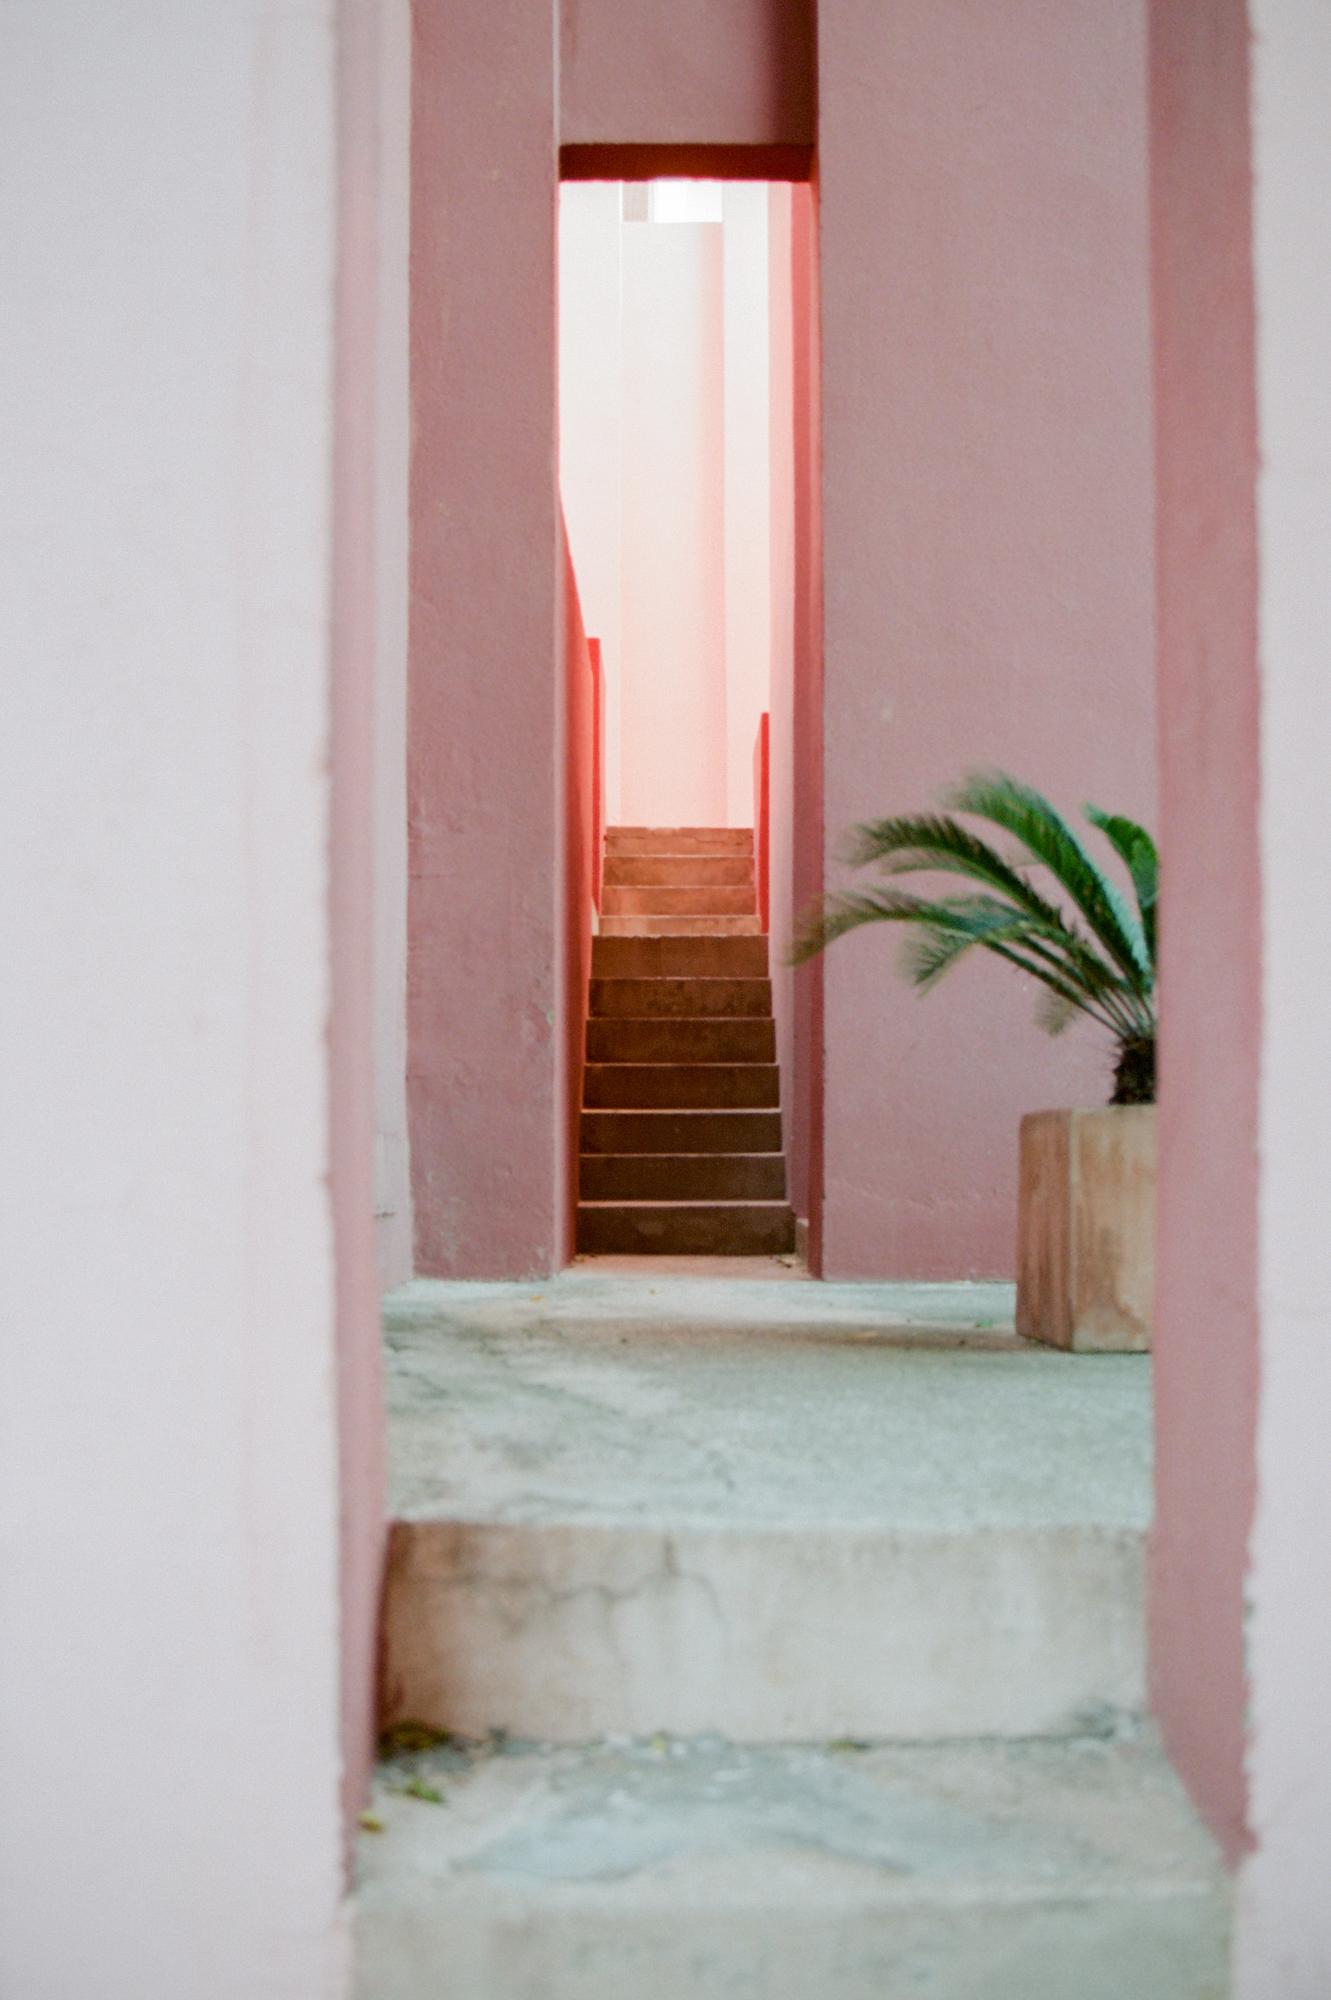 Escalier, Muralla Roja